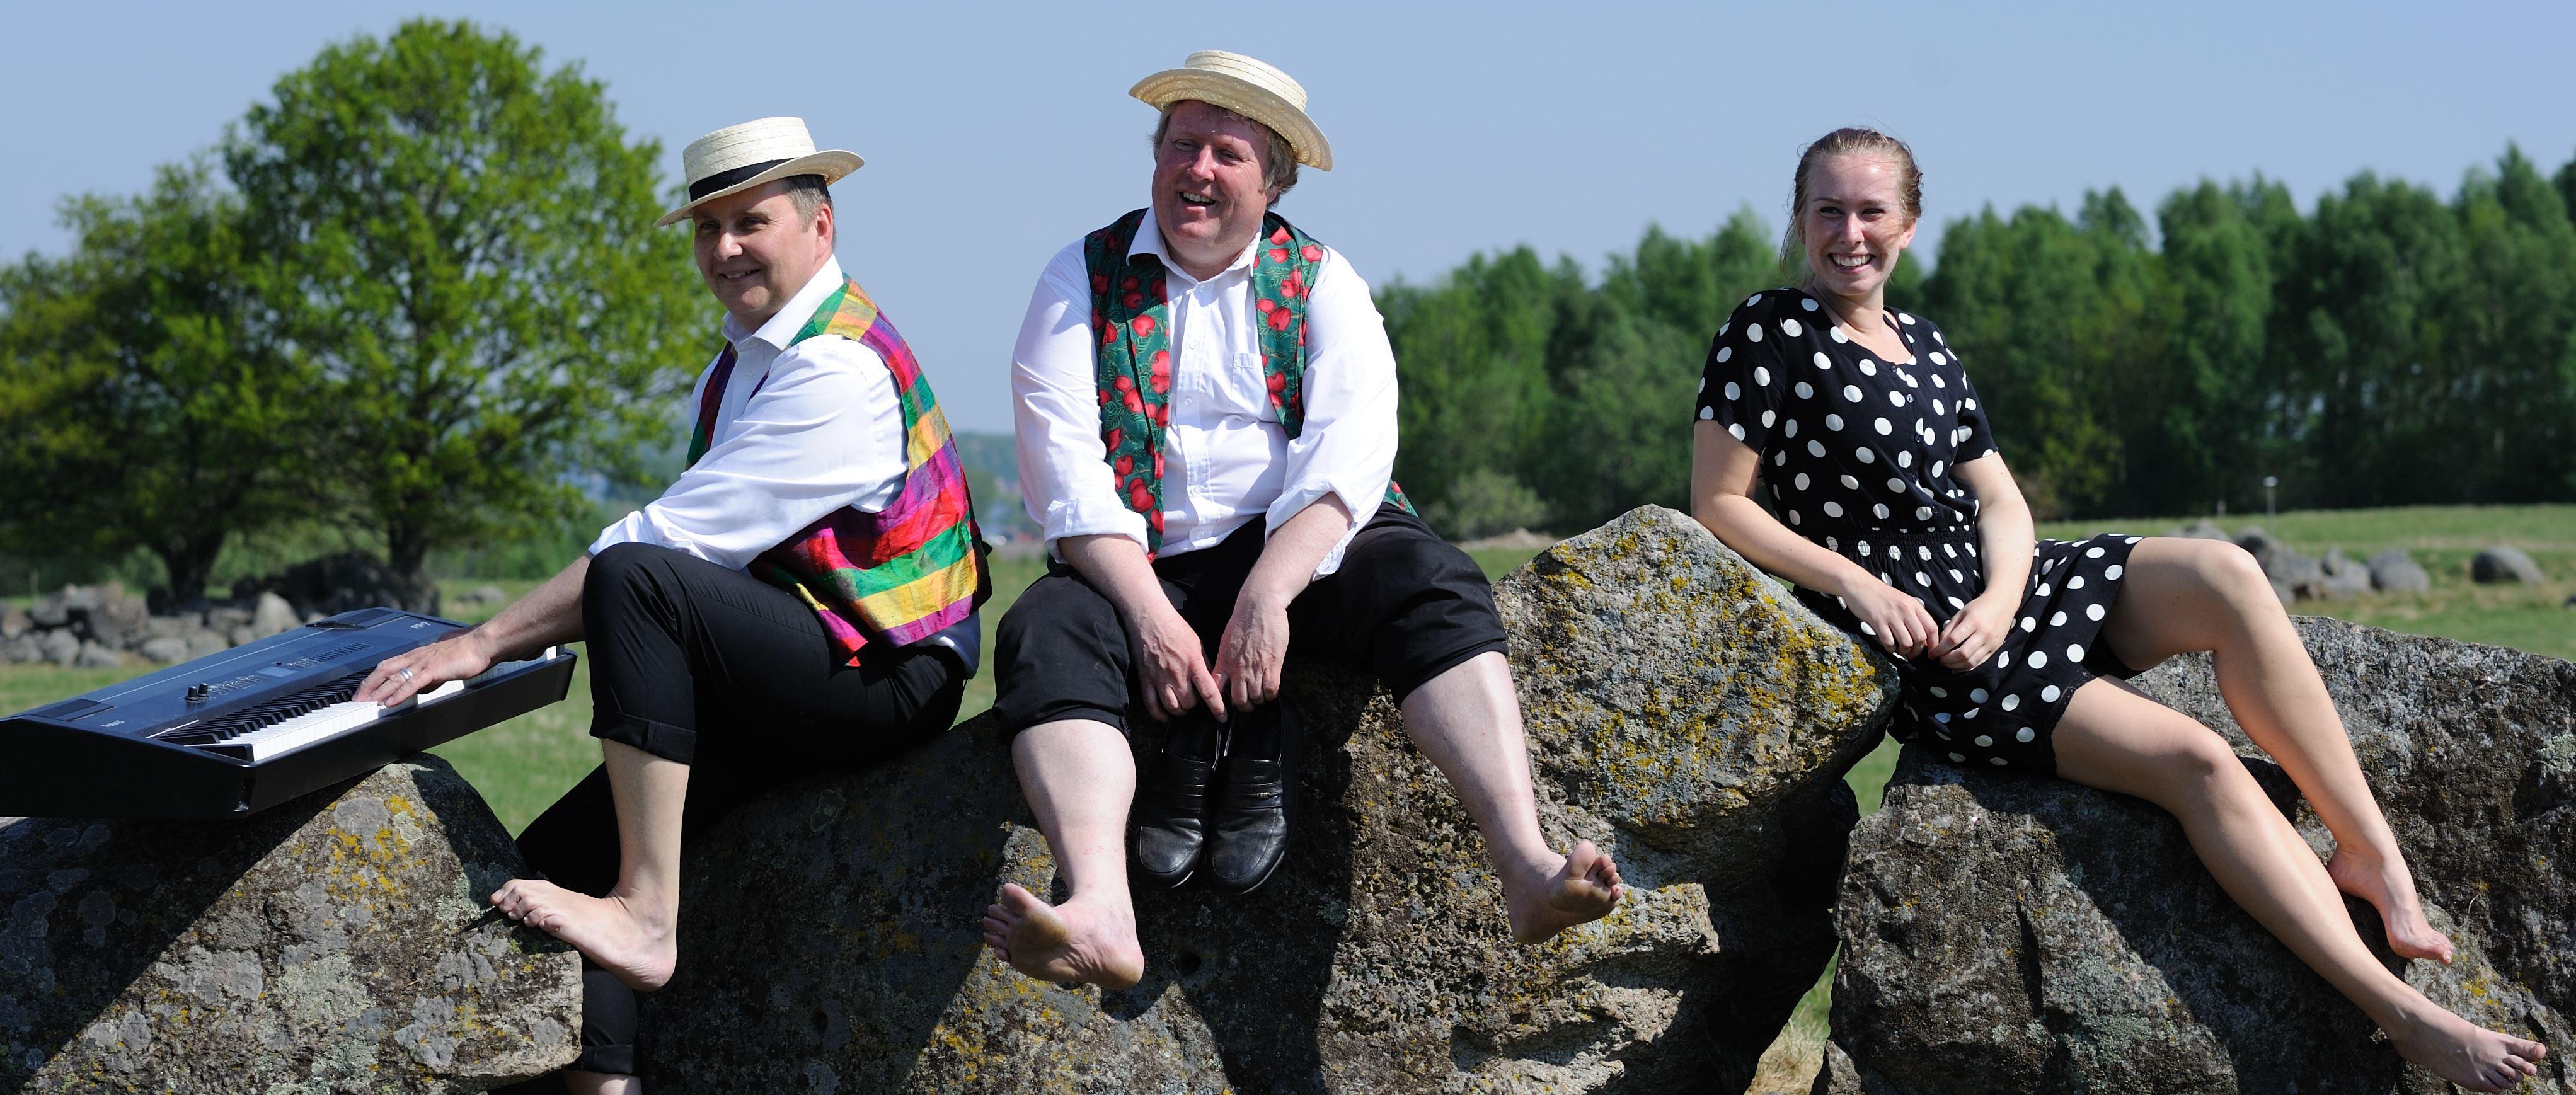 Kenneth Adregård,  © Kenneth Adregård, Ramel igen - litet Povelpotpurrusk i två knäppuppsluppna akter